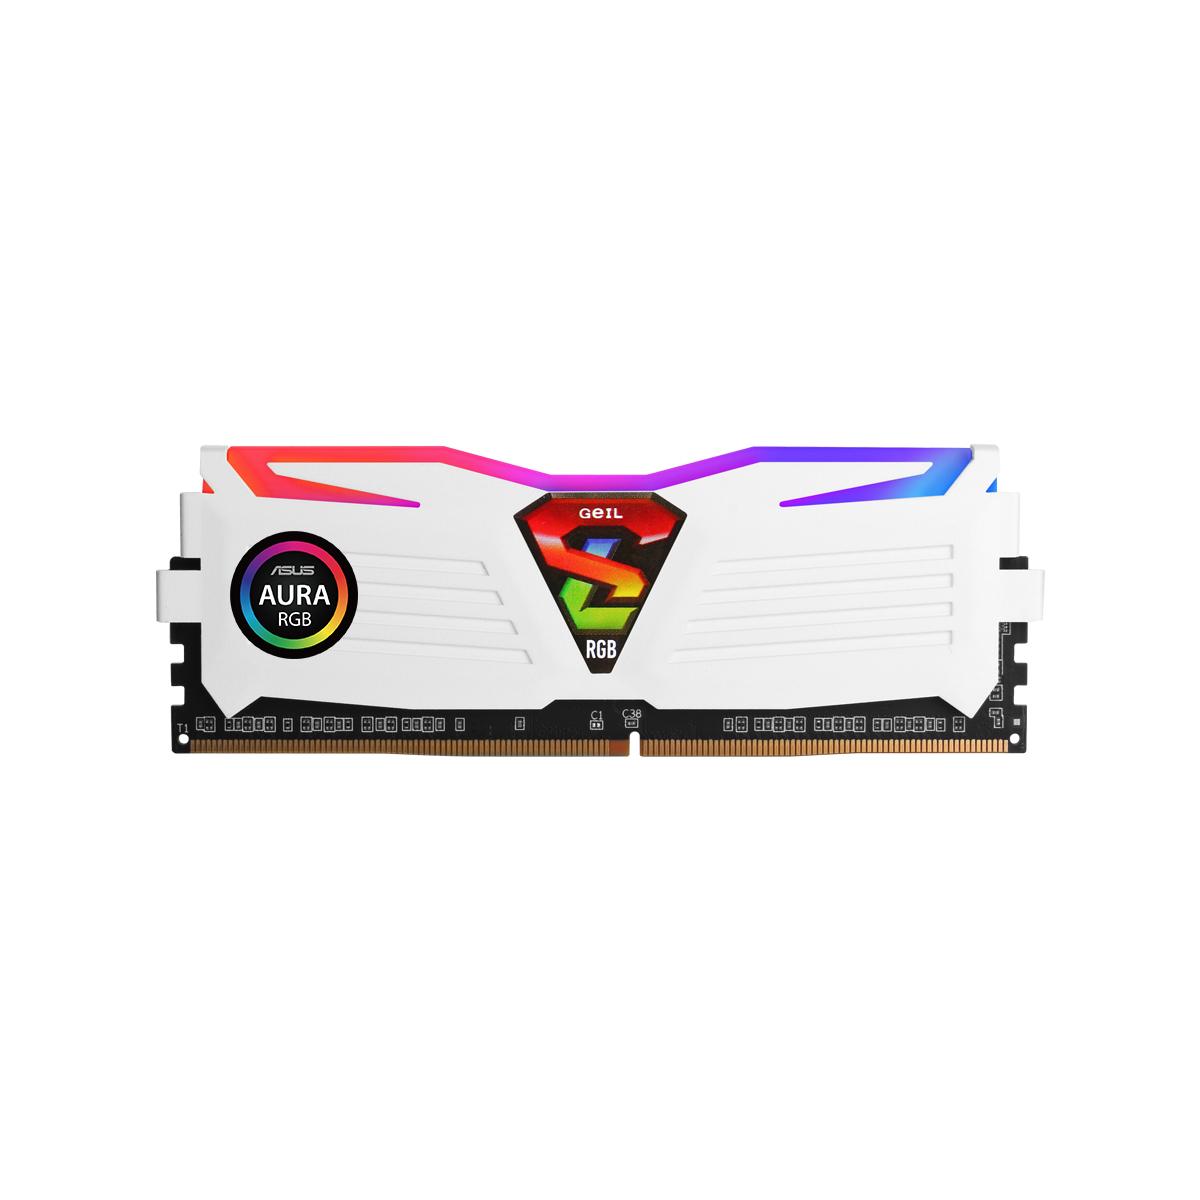 GeIL DDR4 16G PC4-28800 CL18 SUPER LUCE RGB Sync 화이트 (8Gx2)